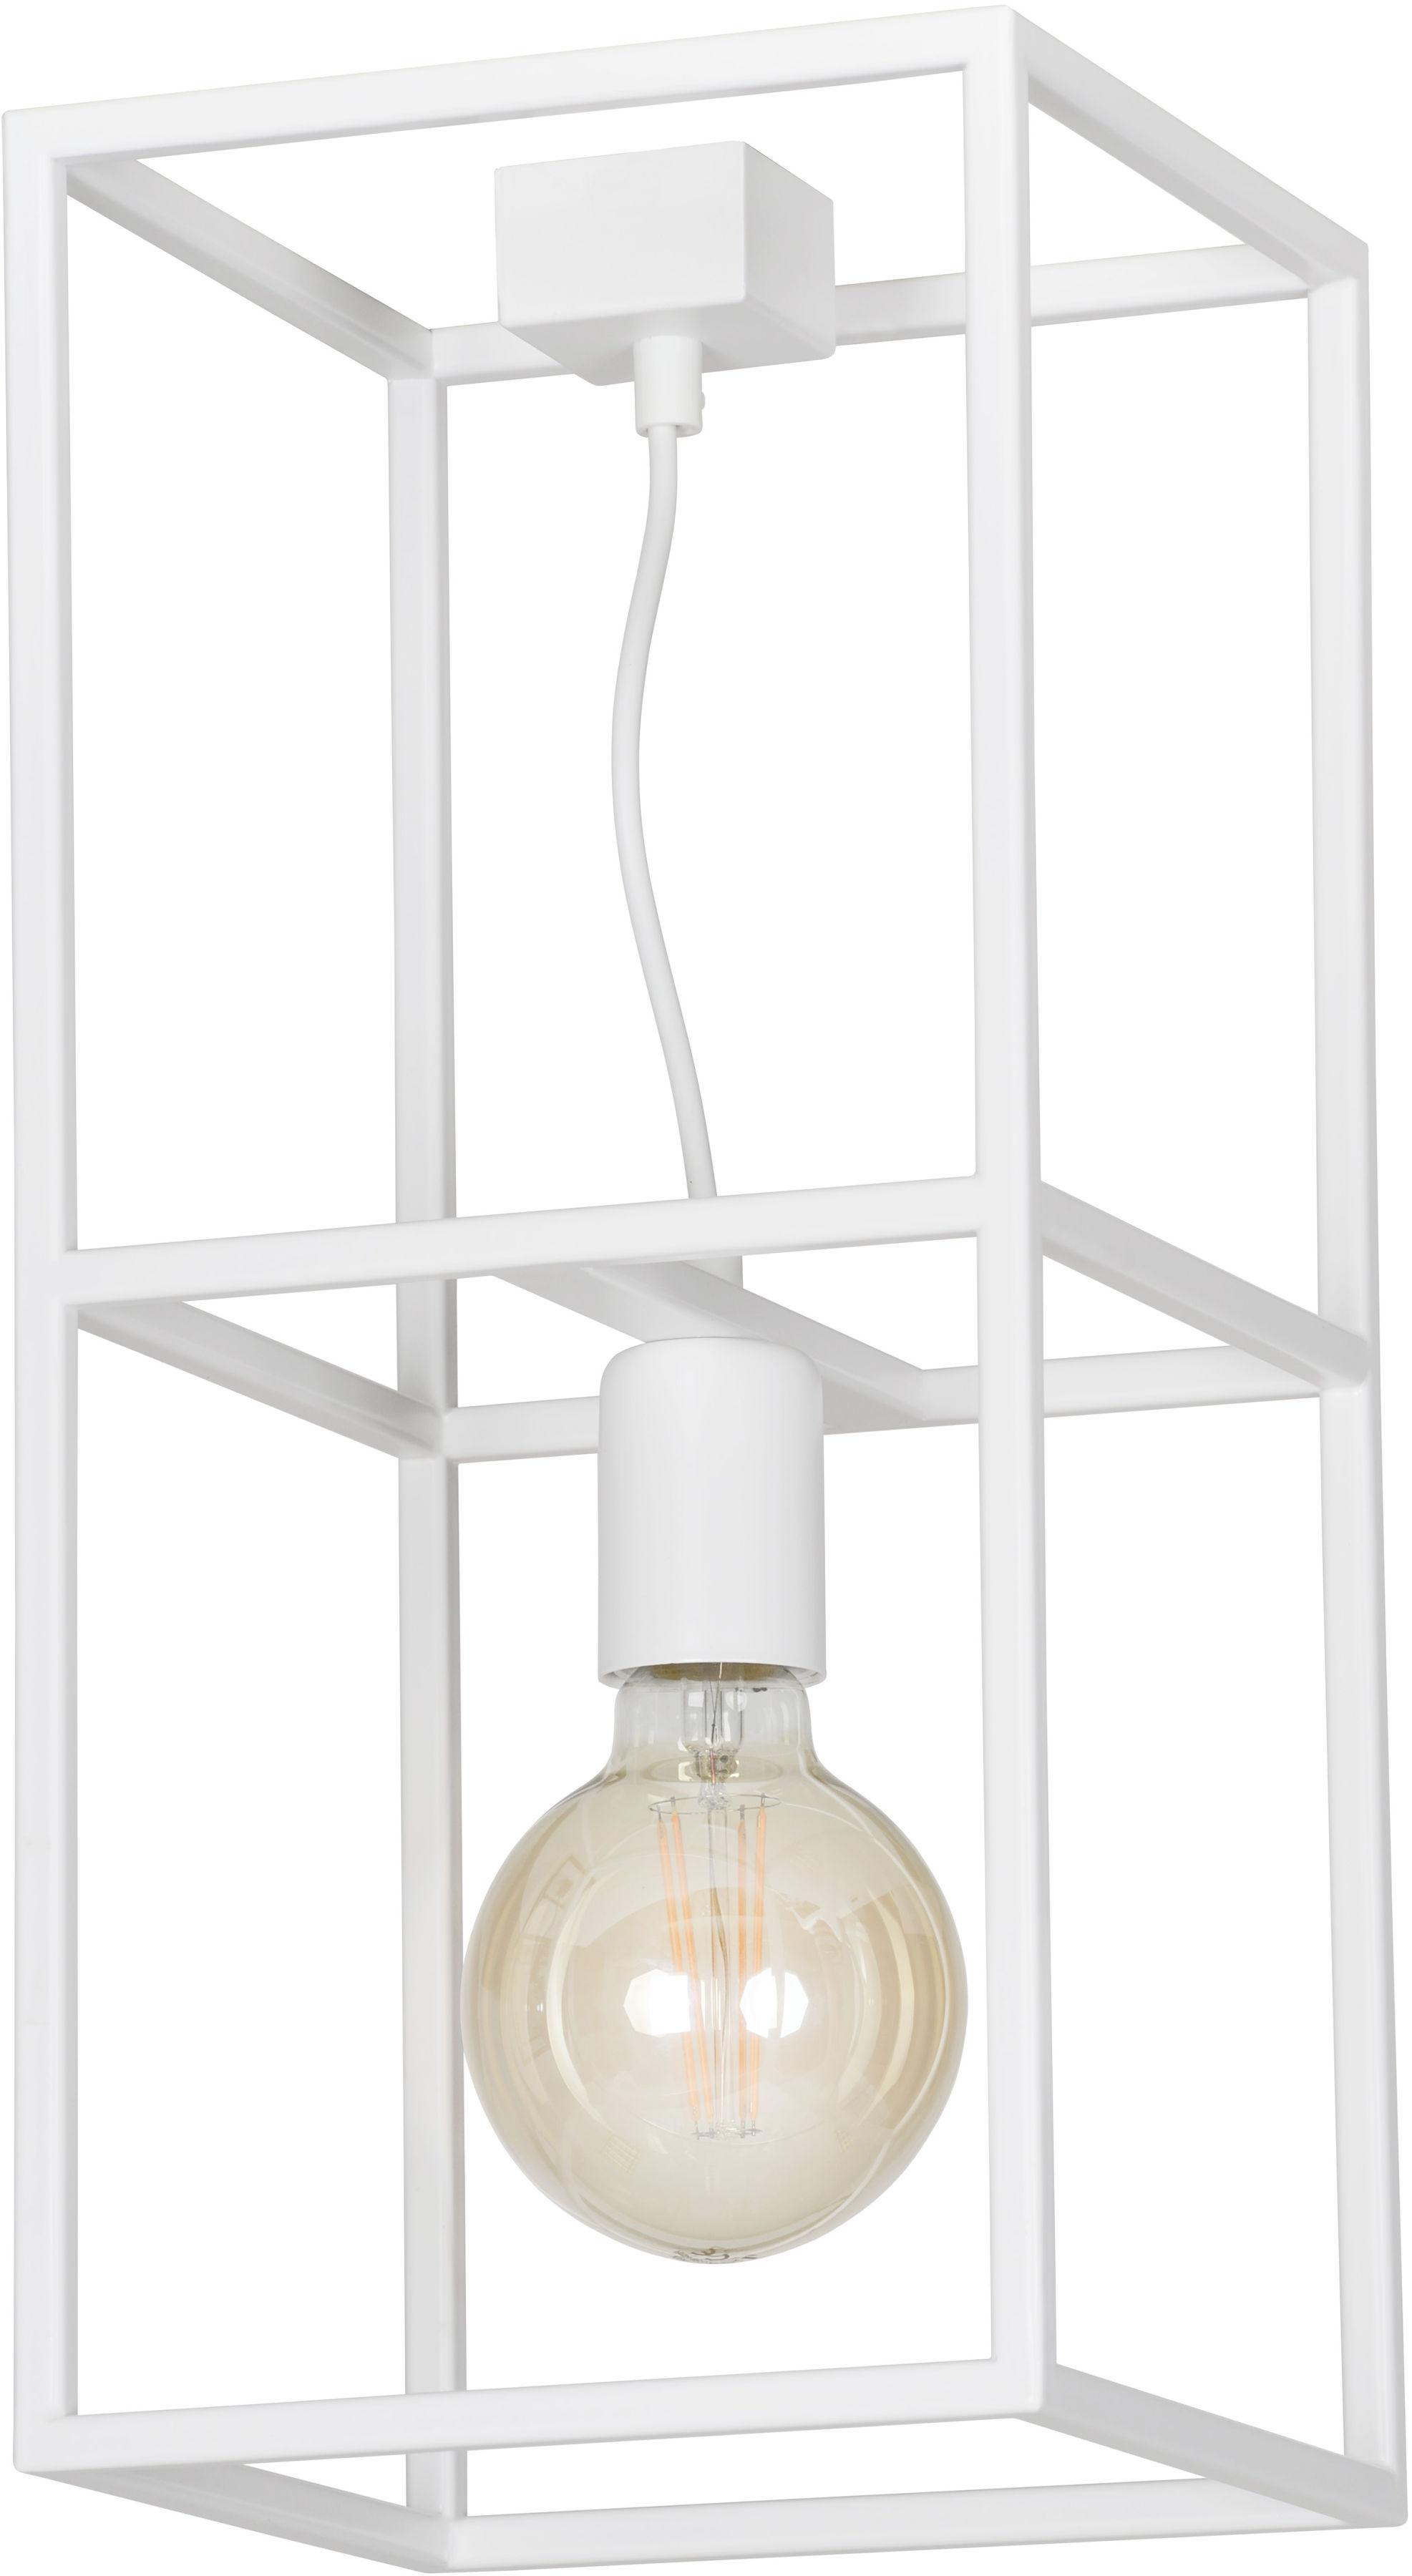 Emibig OMIKRON 1 WHITE 147/1 plafon lampa sufitowa ramka klatka w stylu loft biała 1x60W E27 44cm